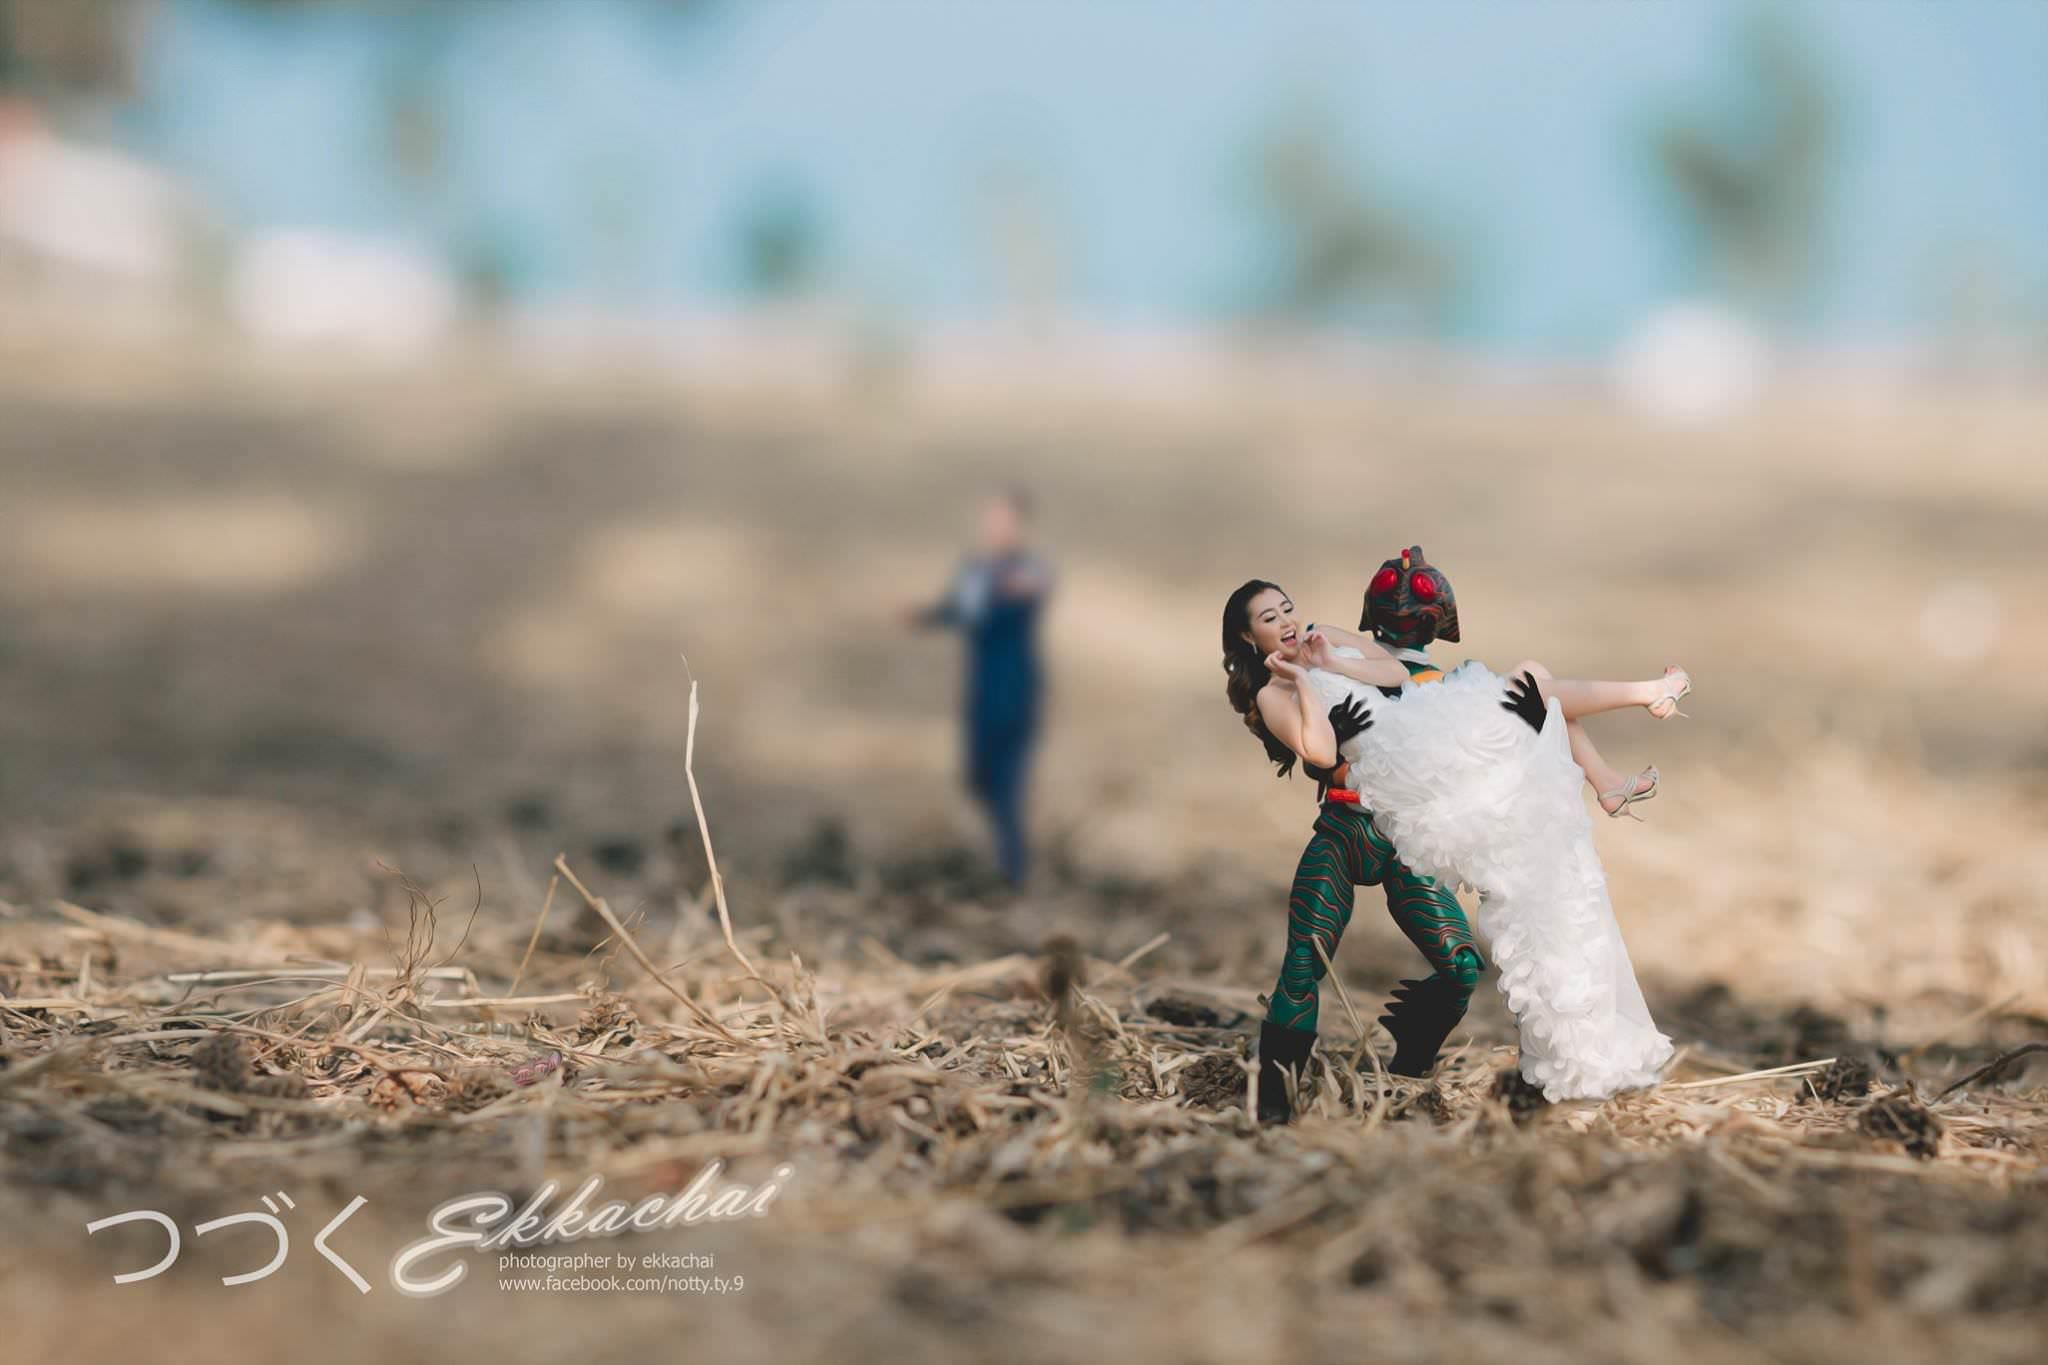 fotos-casamento-mini-noiva-noivo